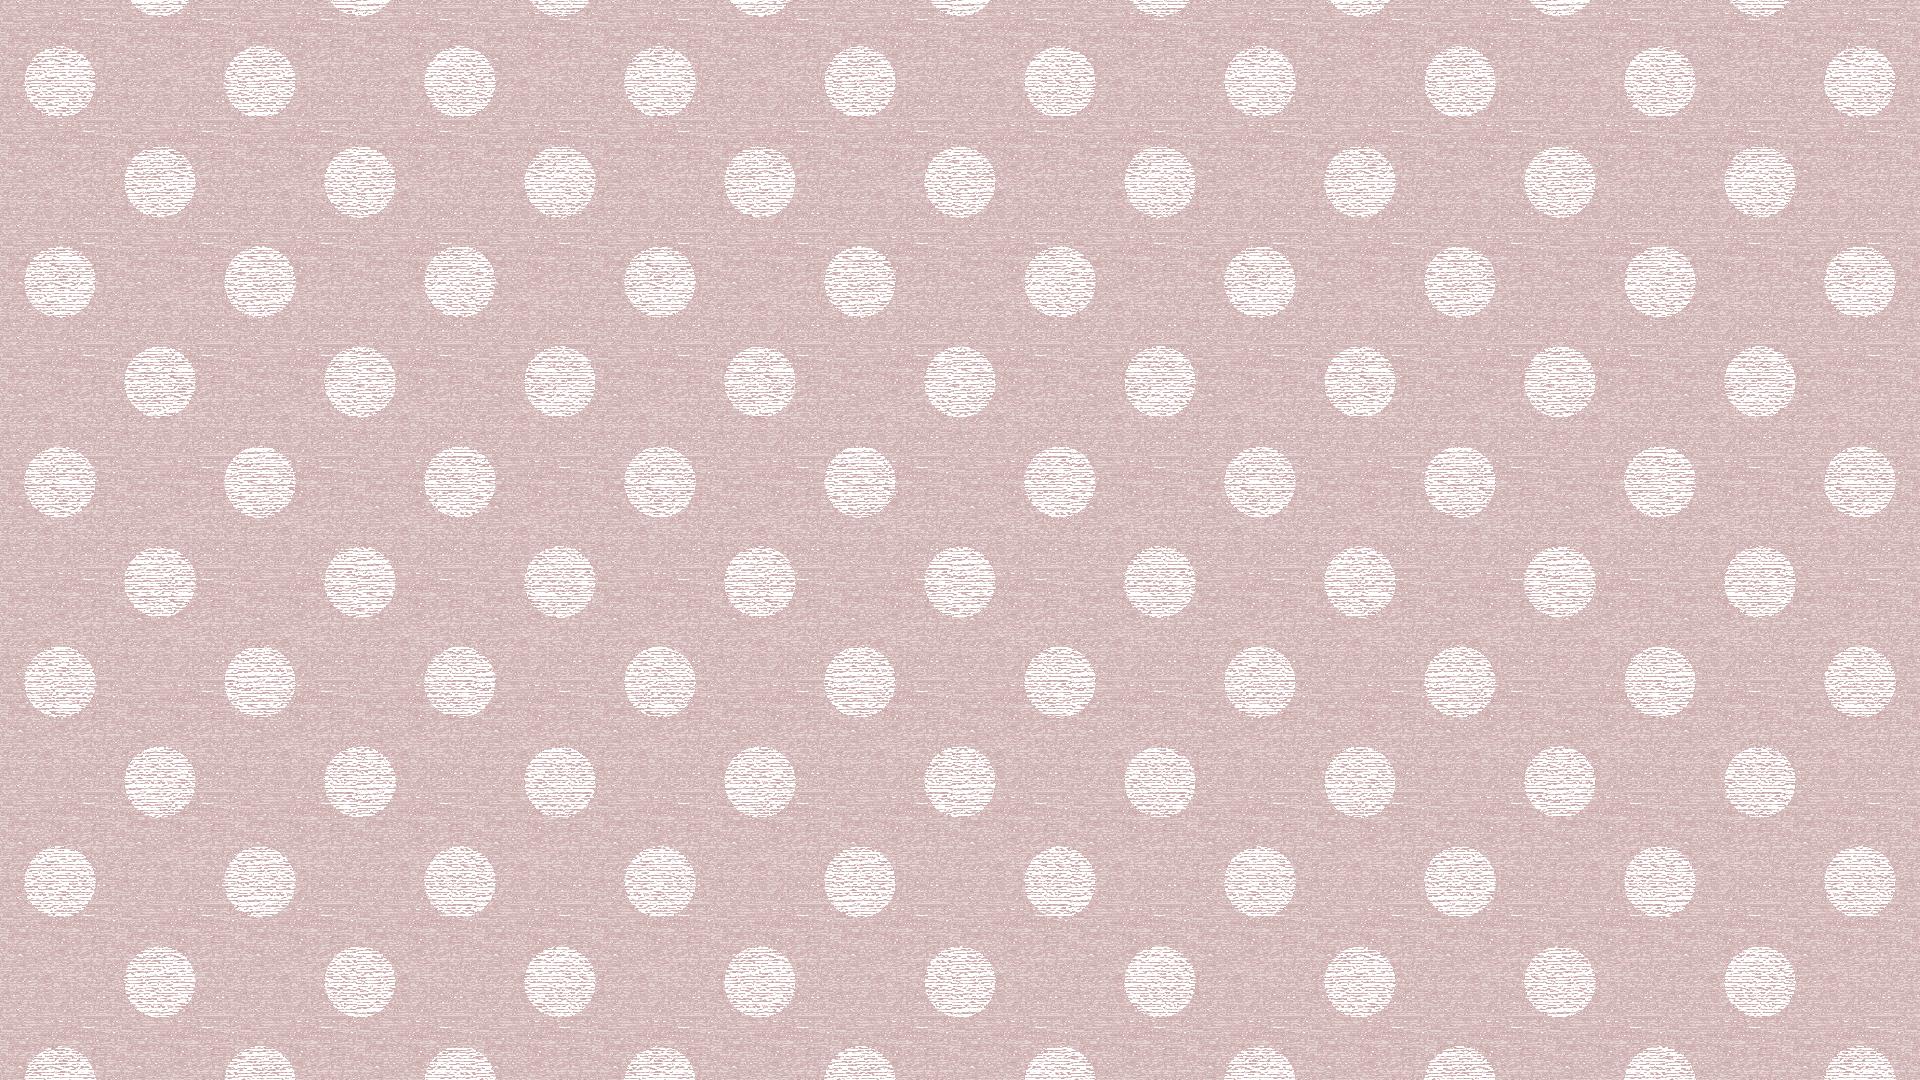 ドット模様2_pink